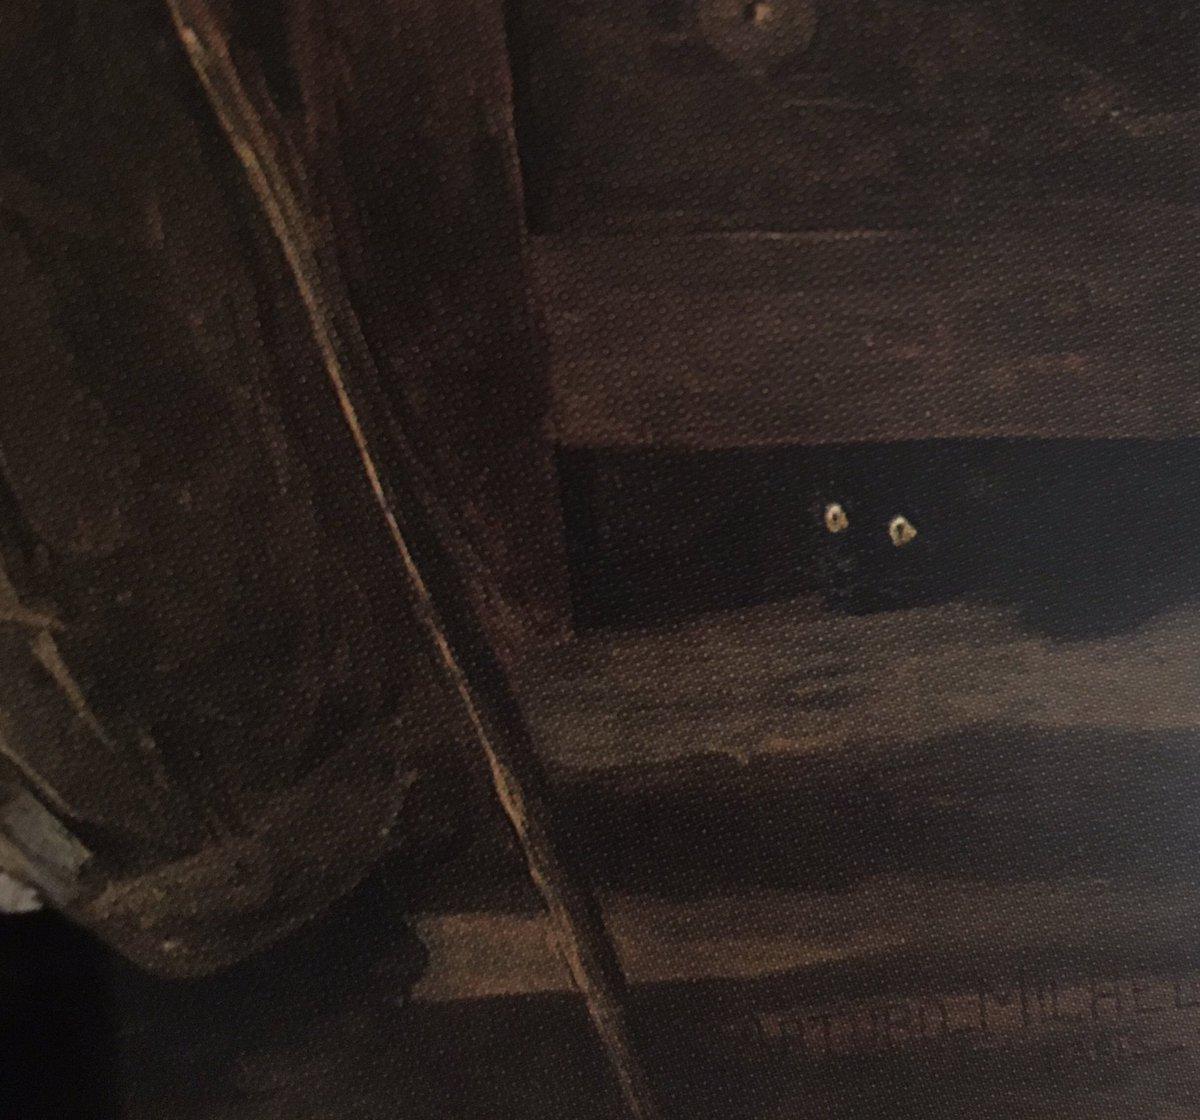 """Gatito asustado. Detalle del cuadro """"El granizo de Reims"""" (1886) del pintor venezolano Arturo Michelena #arte #pinturavenezolana #venezuela #vzla #gatos #curiosidades #datocurioso #felizdomingo #27Septiembre https://t.co/hOaxOmprpH"""